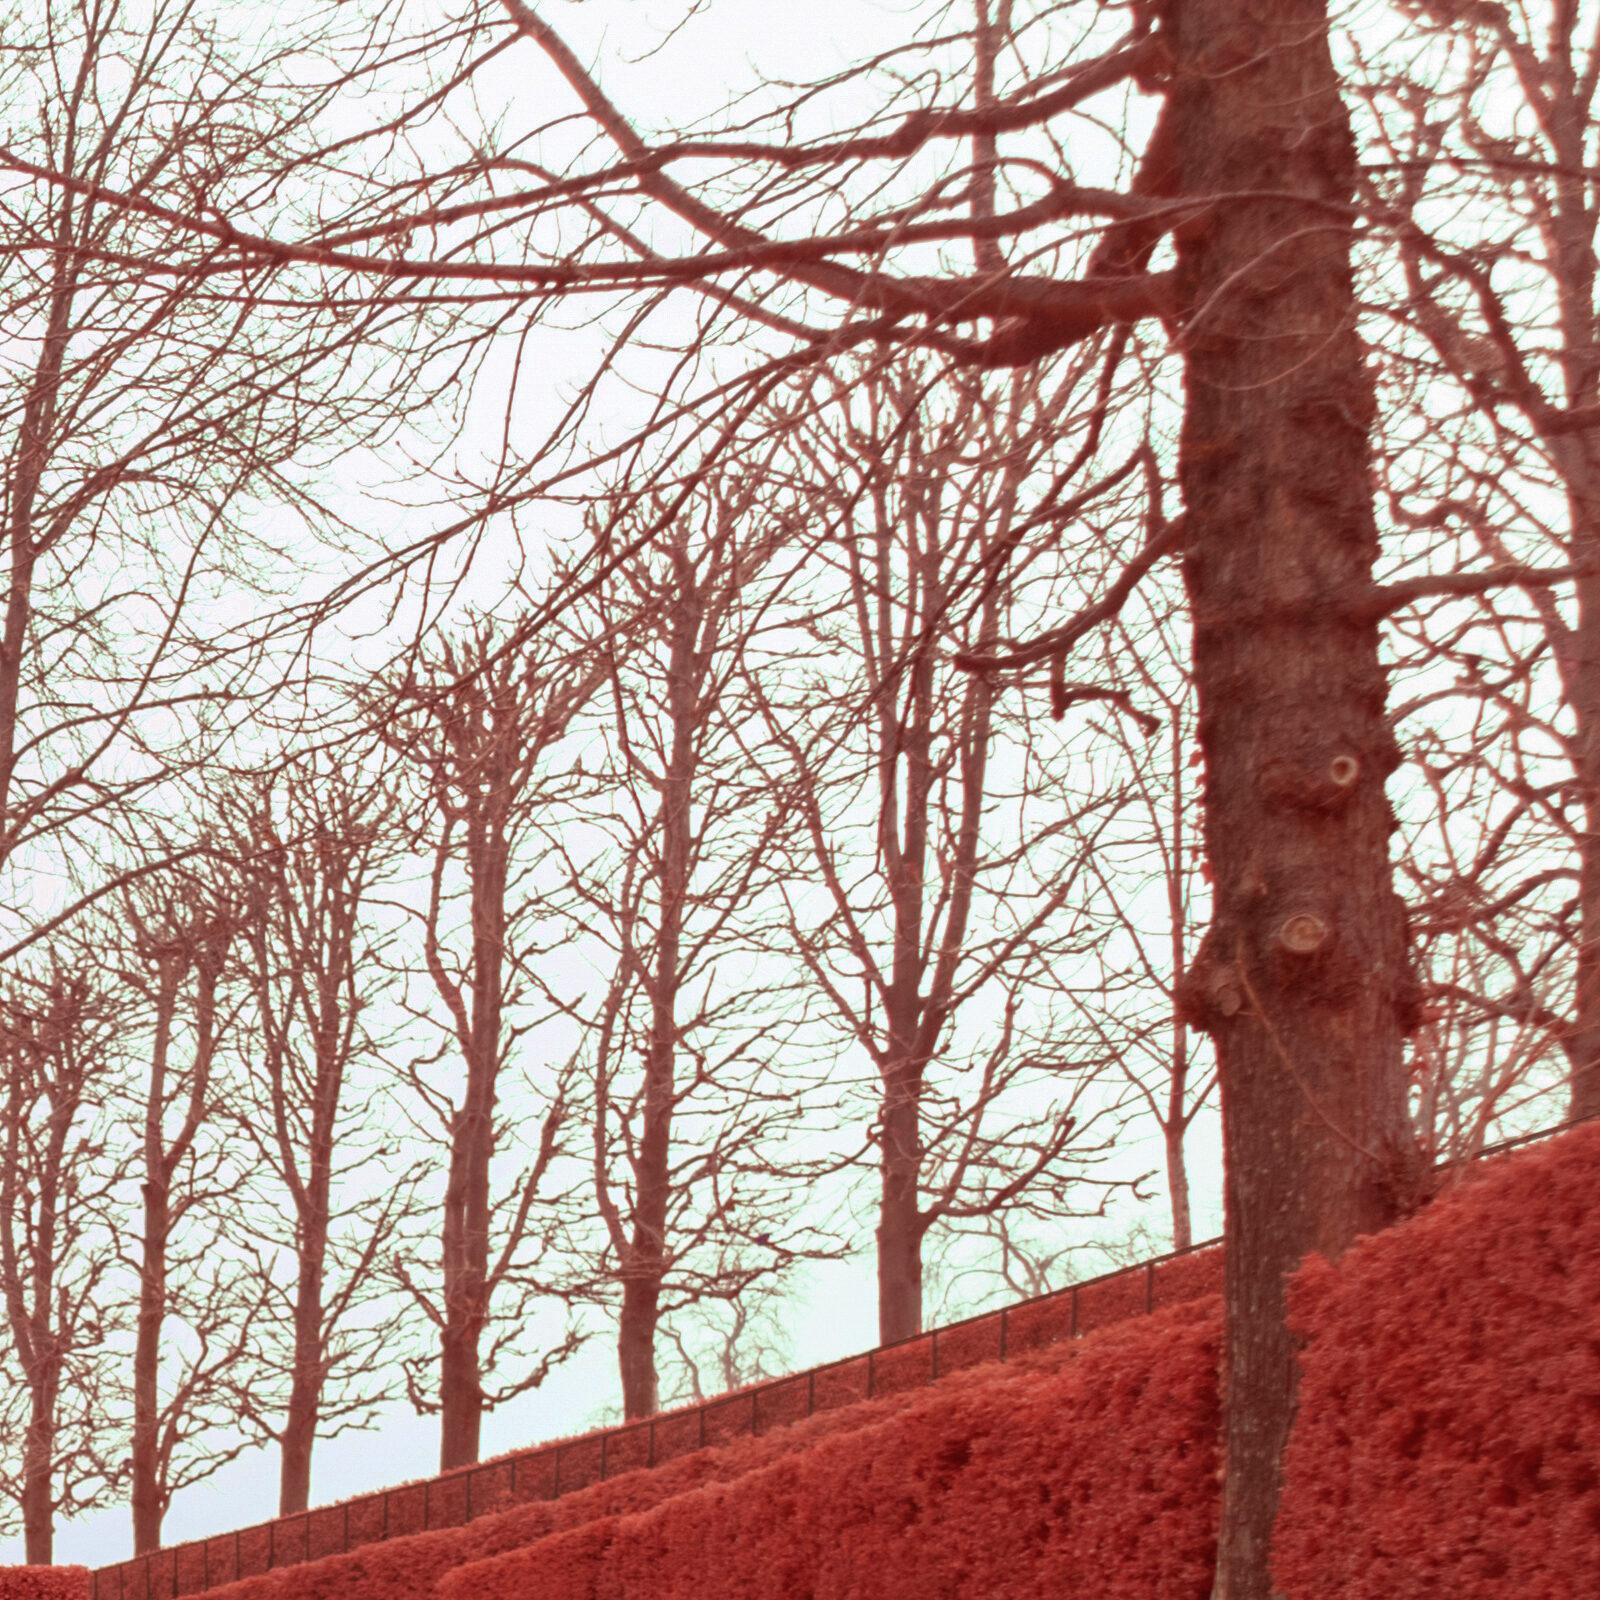 Canon 16 35 F4 L IS details global 500nm infrarouge 24mm details 1 | Pierre-Louis Ferrer | Test du Tamron SP 15-30mm f2.8 Di VC USD en photographie infrarouge | Partie 2